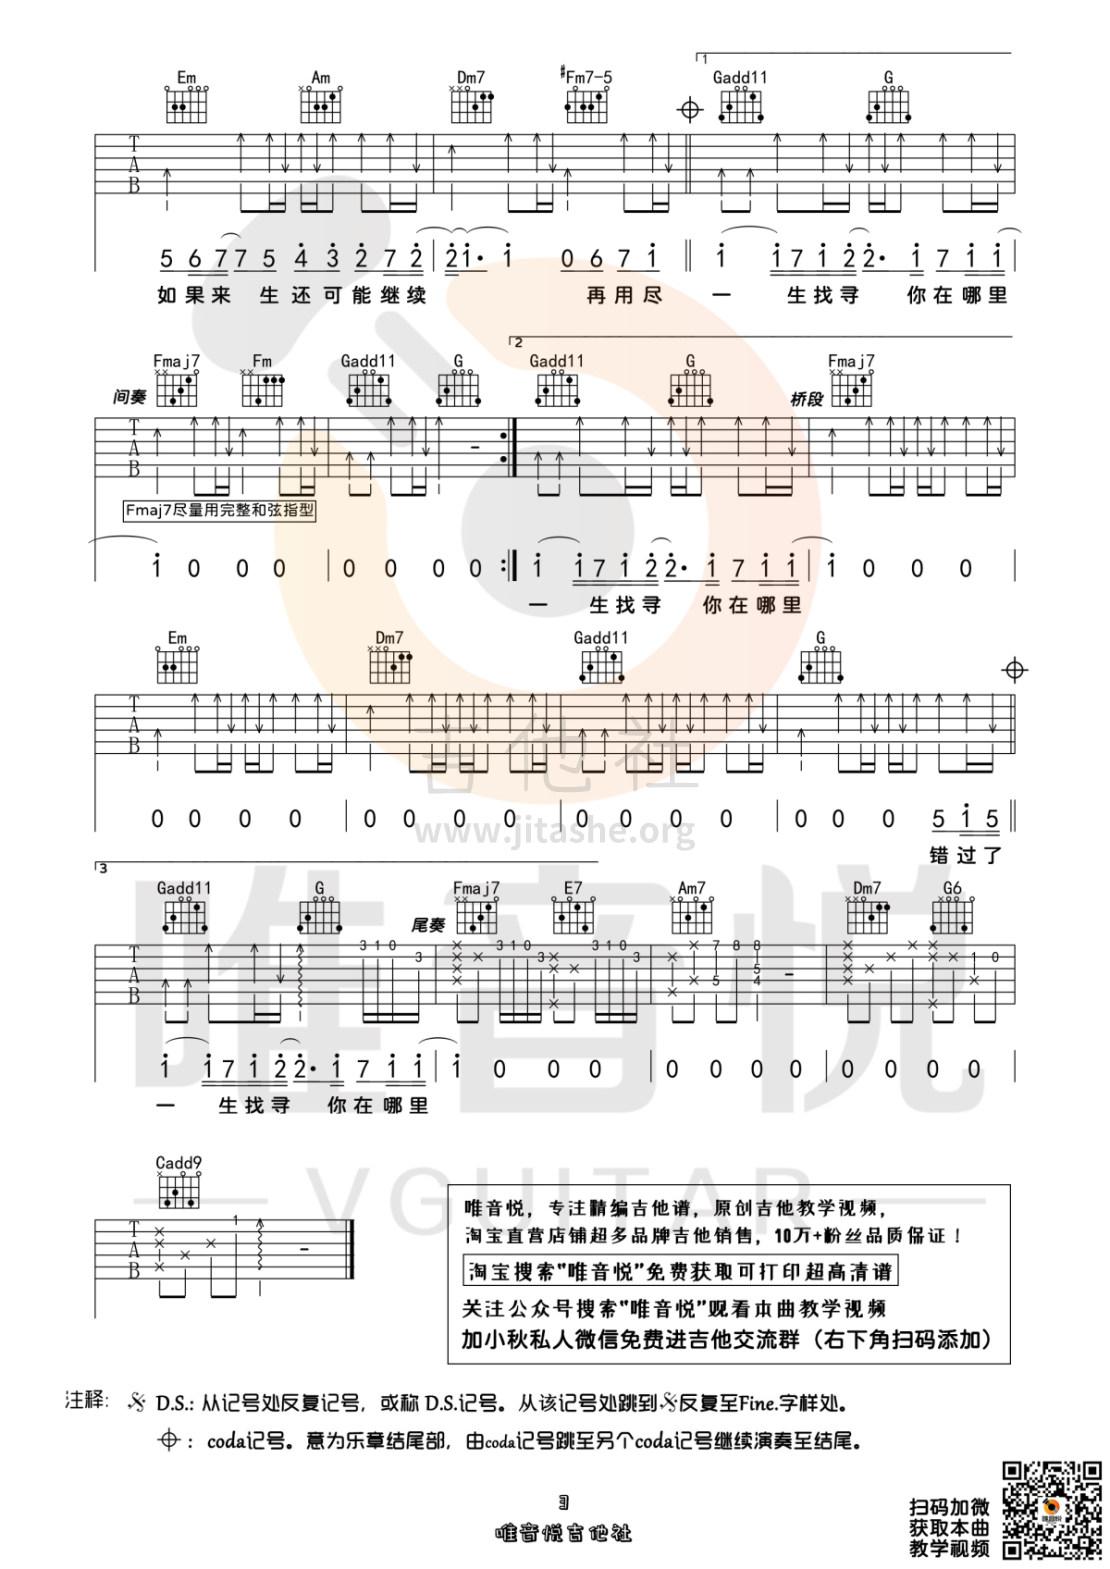 不遗憾 (原版吉他谱 唯音悦制谱)吉他谱(图片谱,李荣华,不遗憾,原版吉他谱)_李荣浩_不遗憾03.jpg